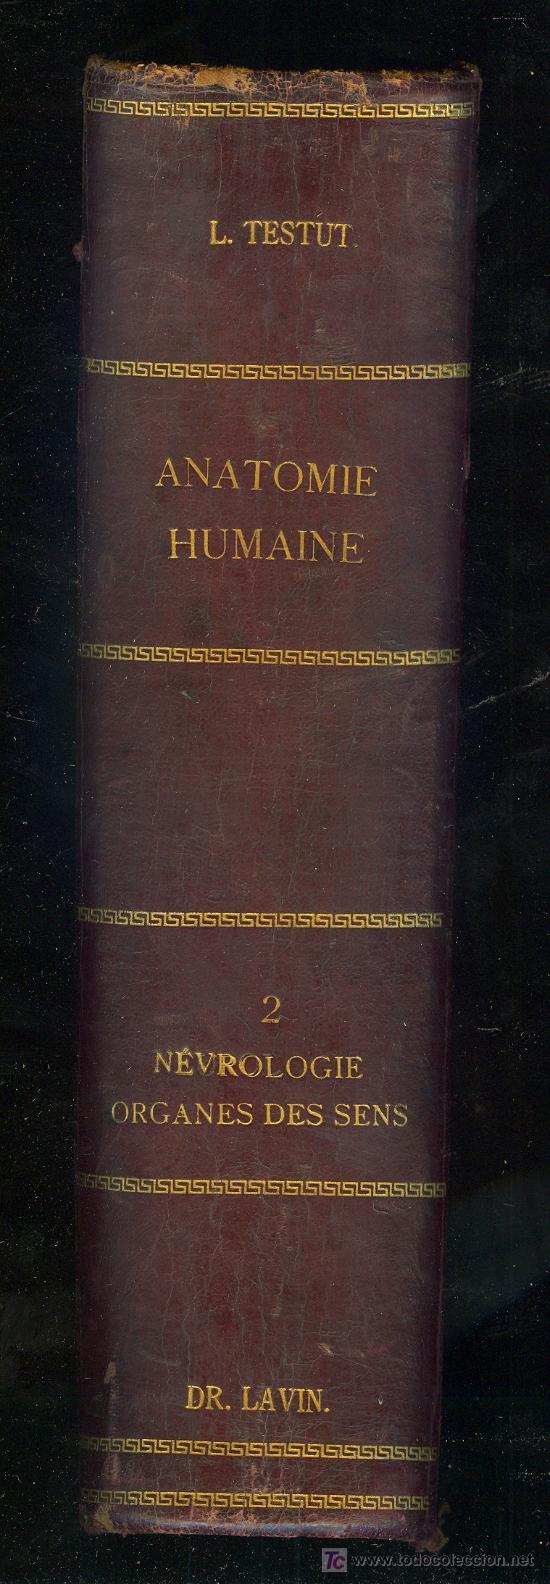 Libros antiguos: MEDICINA. TRAITE DANATOMIE HUMAINE PAR L. TESTUT. 3ª ED. PARIS OCTAVE DOIN EDITEUR 1897 TOME 2 - Foto 2 - 16844811